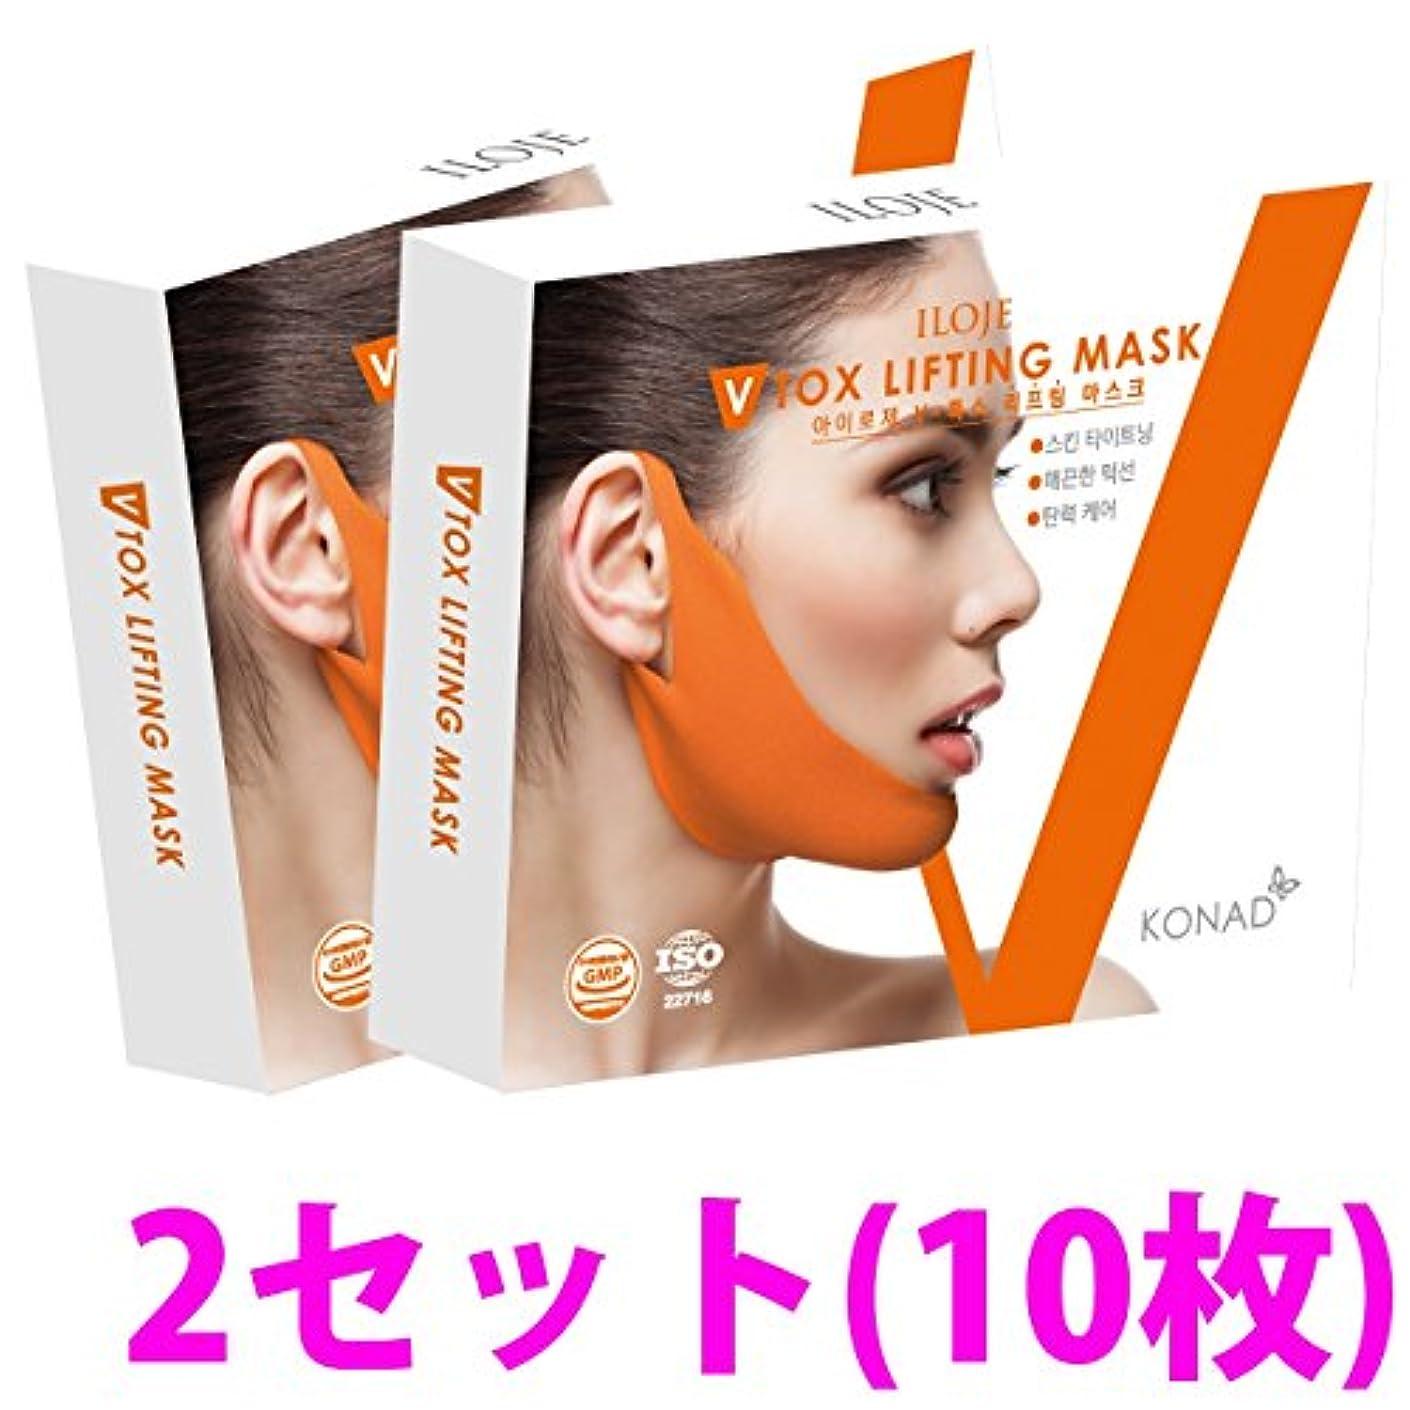 本を読む禁止する収穫女性の年齢は顎の輪郭で決まる!V-TOXリフティングマスクパック 2セット(10枚)